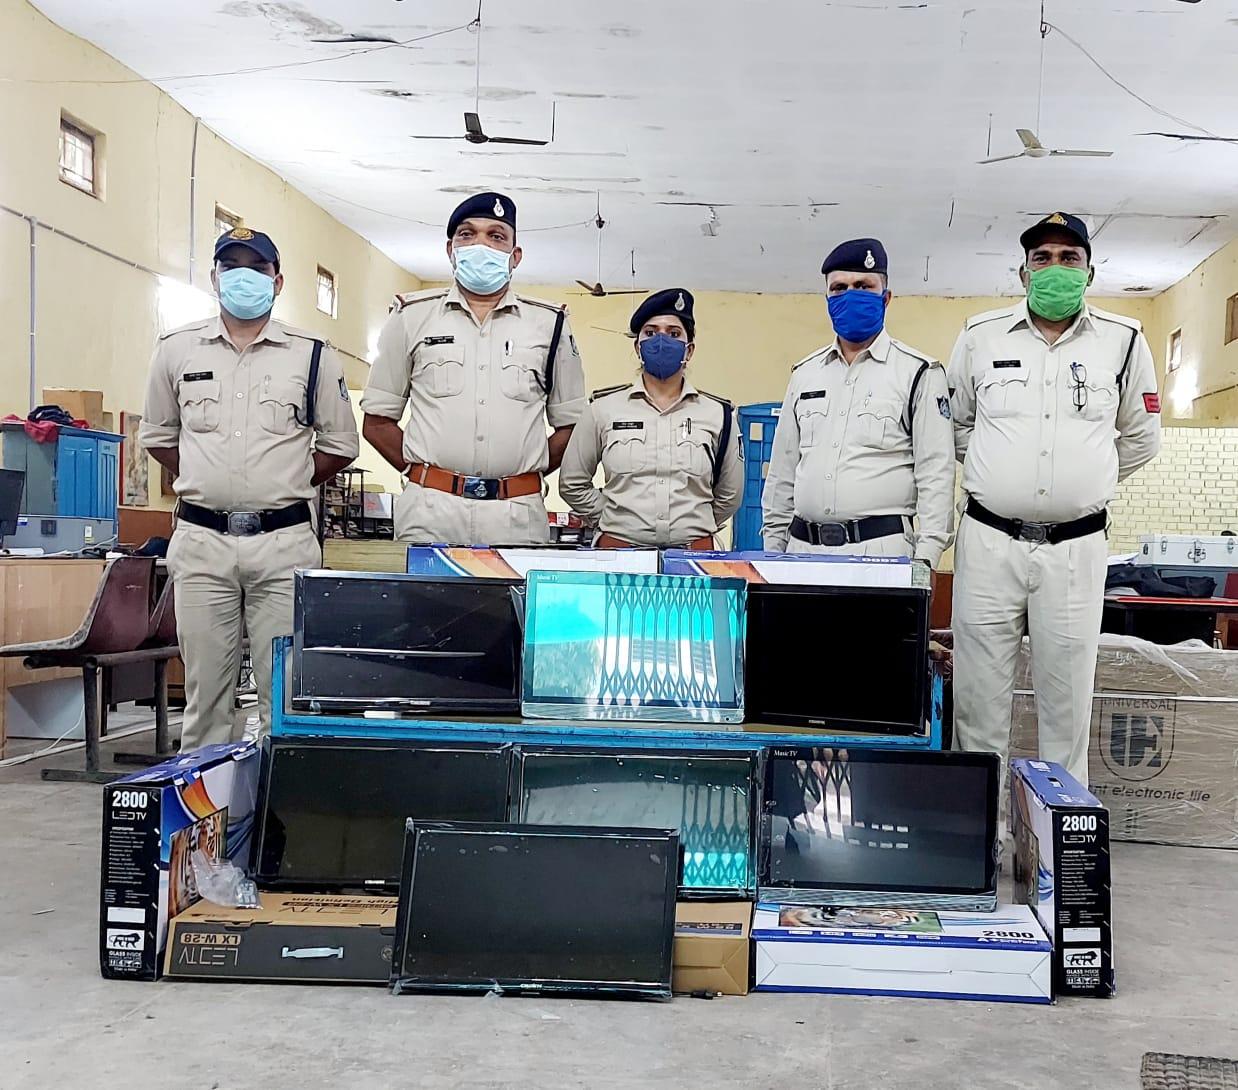 परासिया पुलिस ने मारा छापा 49 हजार की LCD जब्त, दुकानदार पर कॉपी राइट एक्ट का प्रकरण दर्ज छिंदवाड़ा,Chhindwara - Dainik Bhaskar